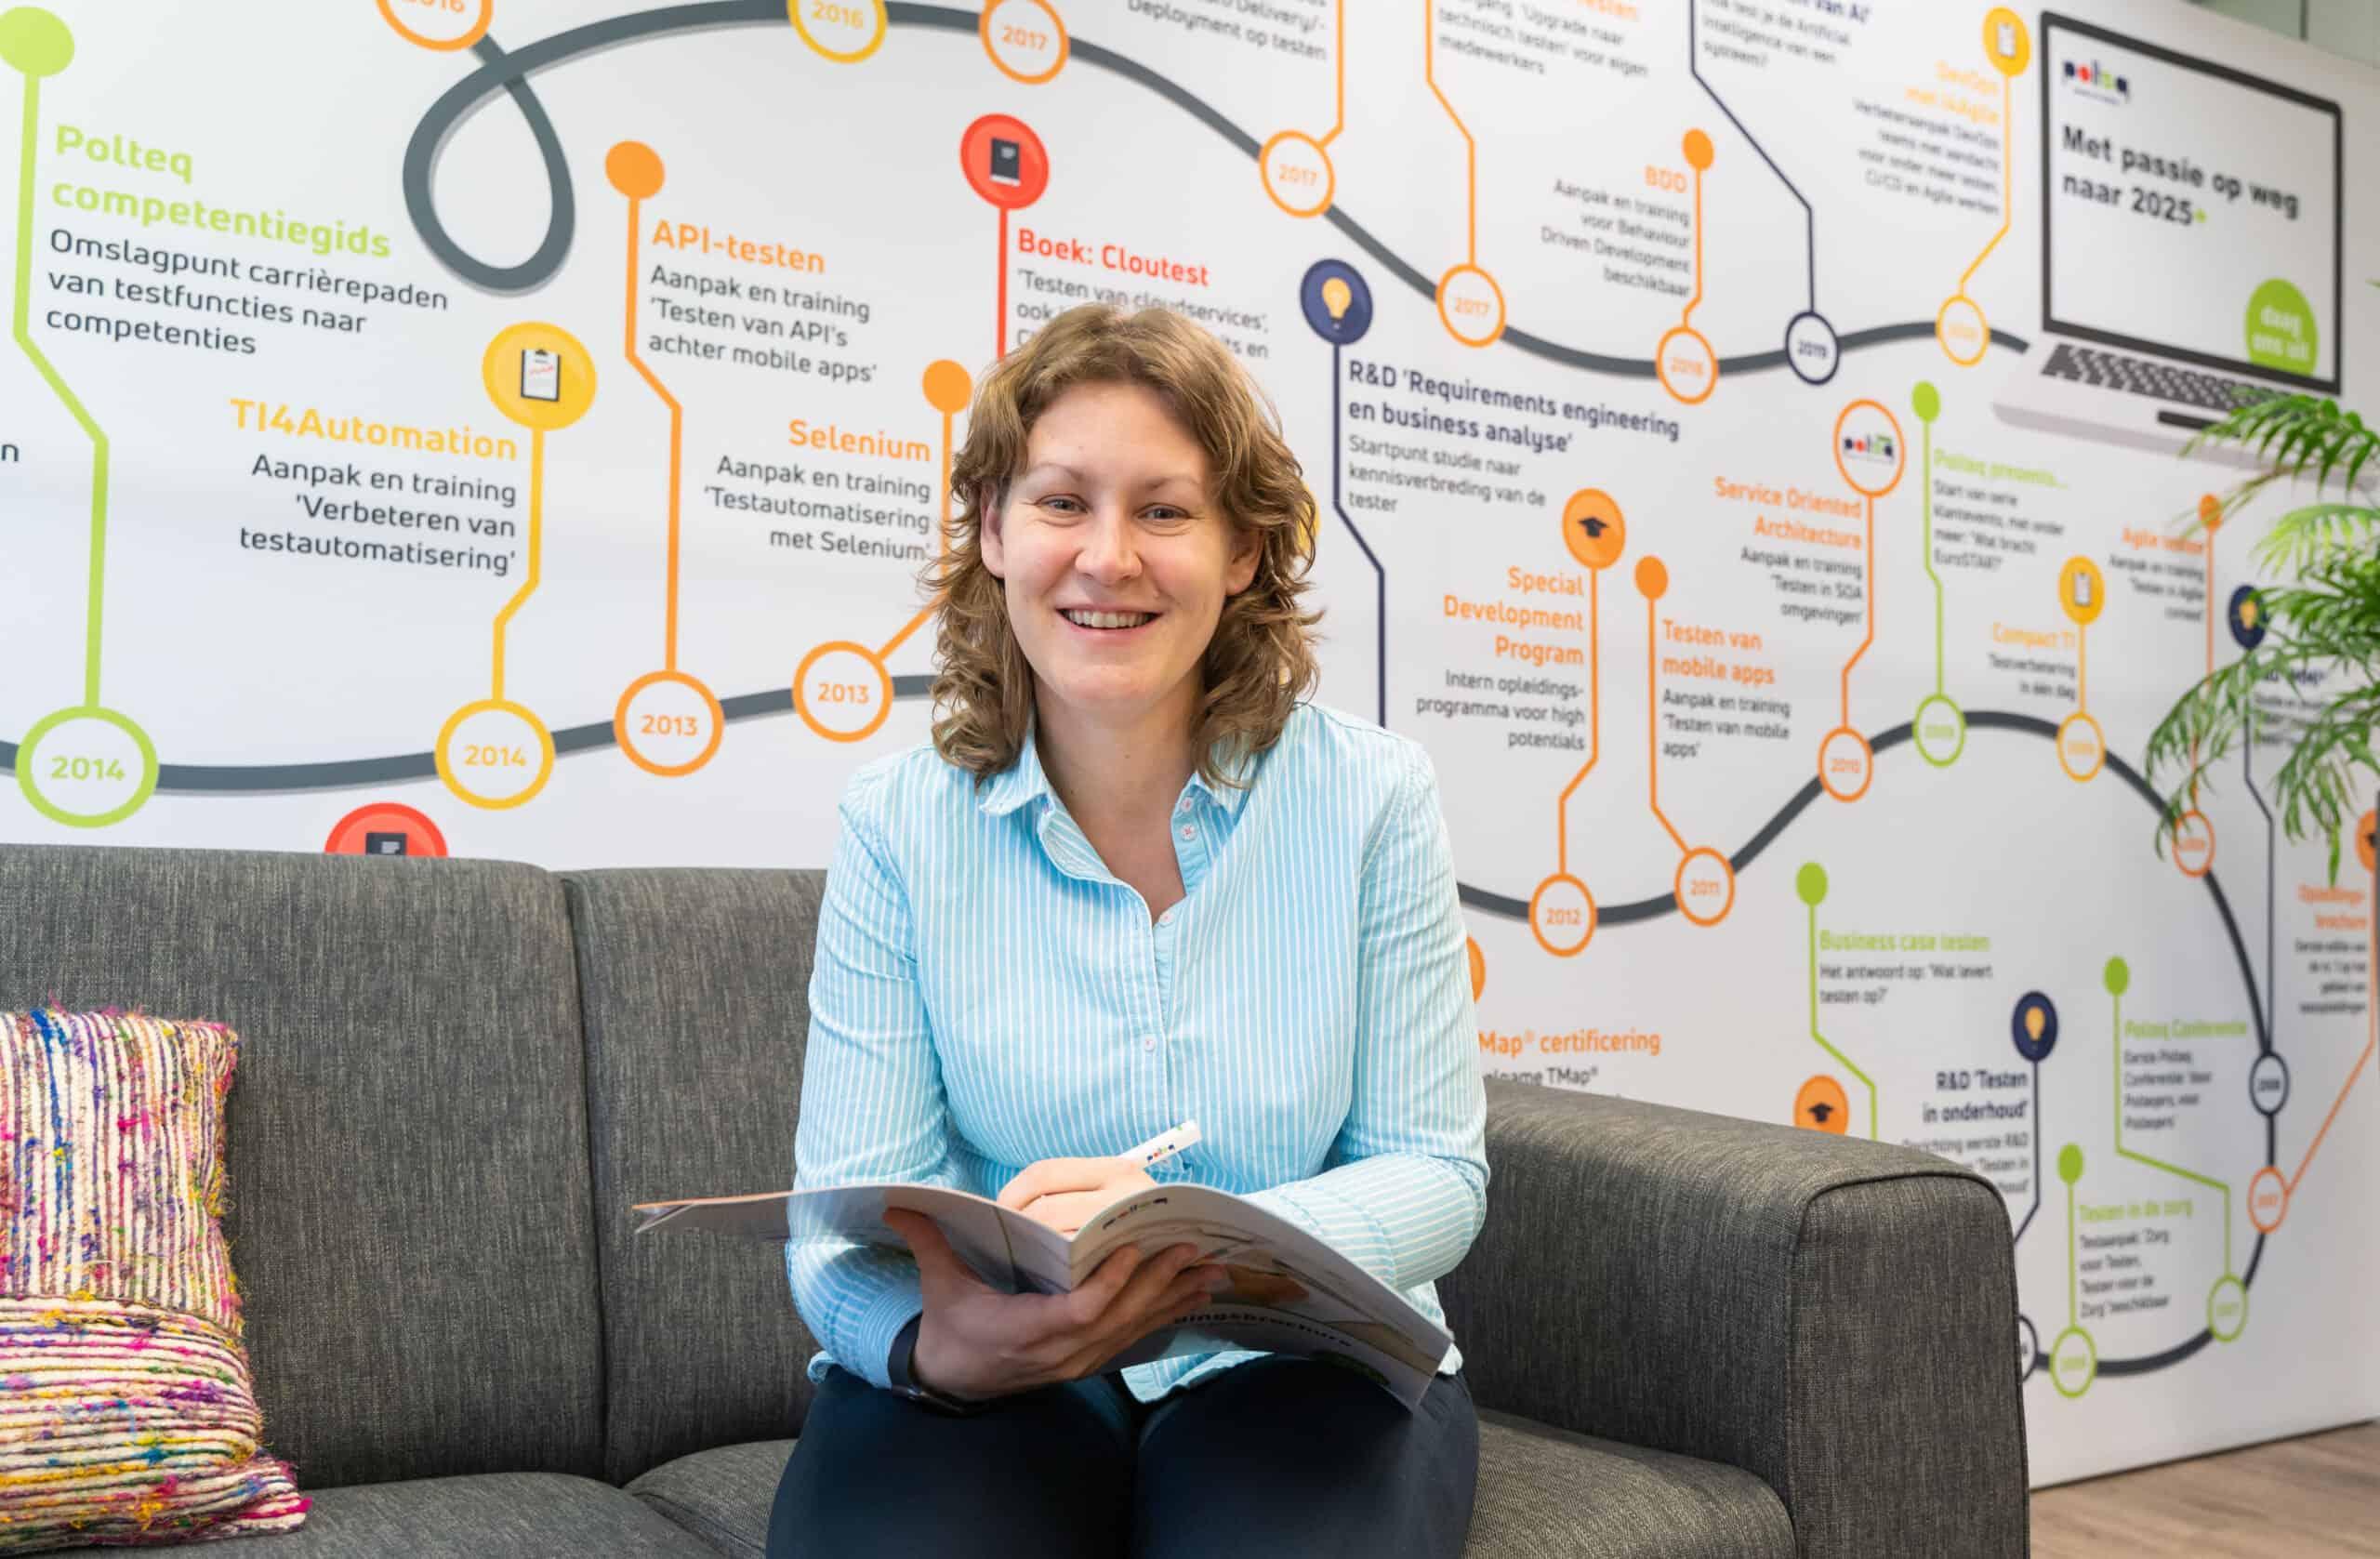 Christel van der Wouw maakte een carrièreswitch van archeologe naar software tester. Nadat zij in januari 2020 als trainee bij Polteq startte, is zij nu testengineer.